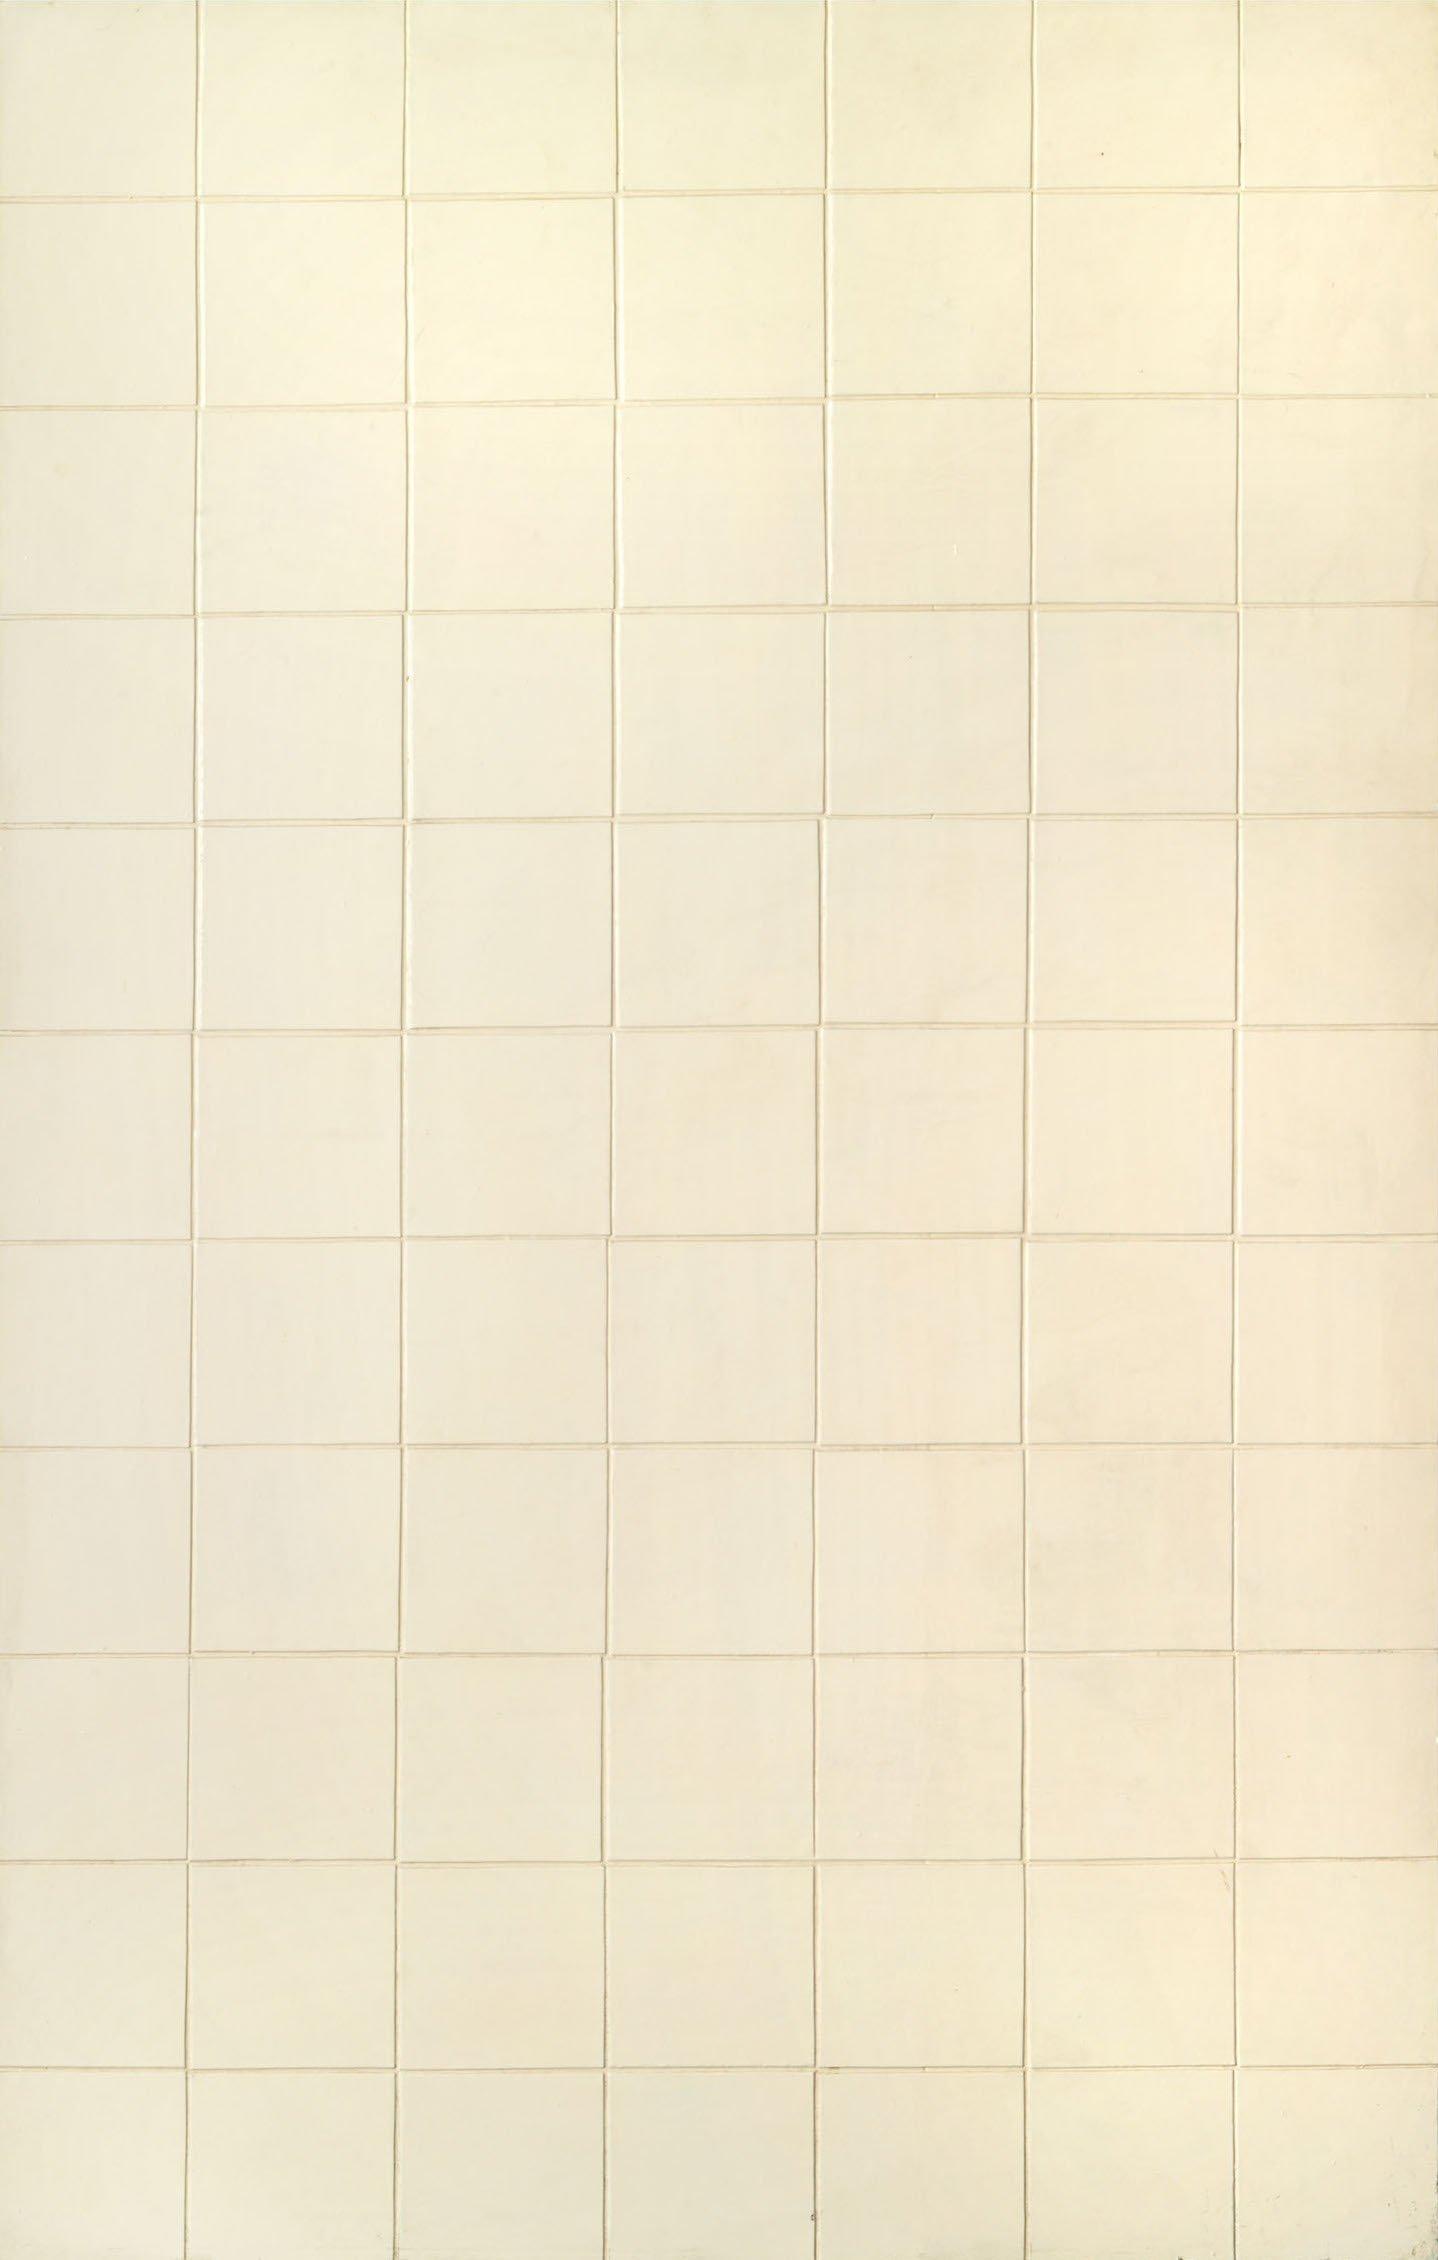 Sergio Lombardo, Bianco 77, 1961, smalto su tavola, 113x72 cm